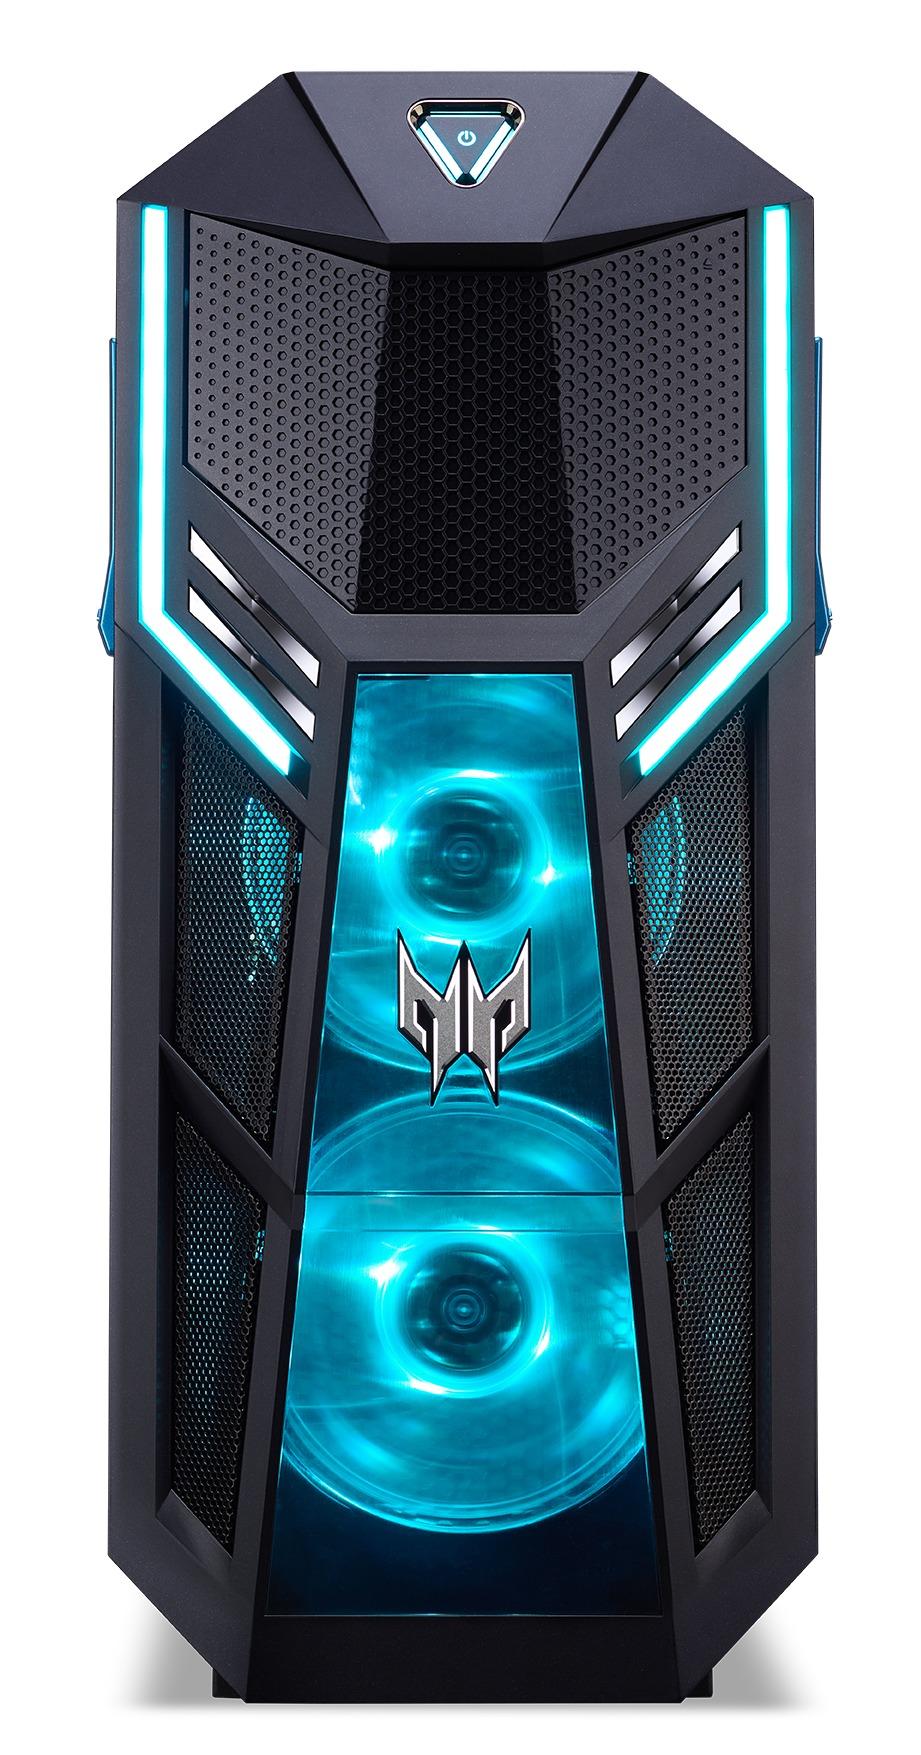 Afbeelding van Acer desktop Predator Orion 5000 605s I9212 zwart